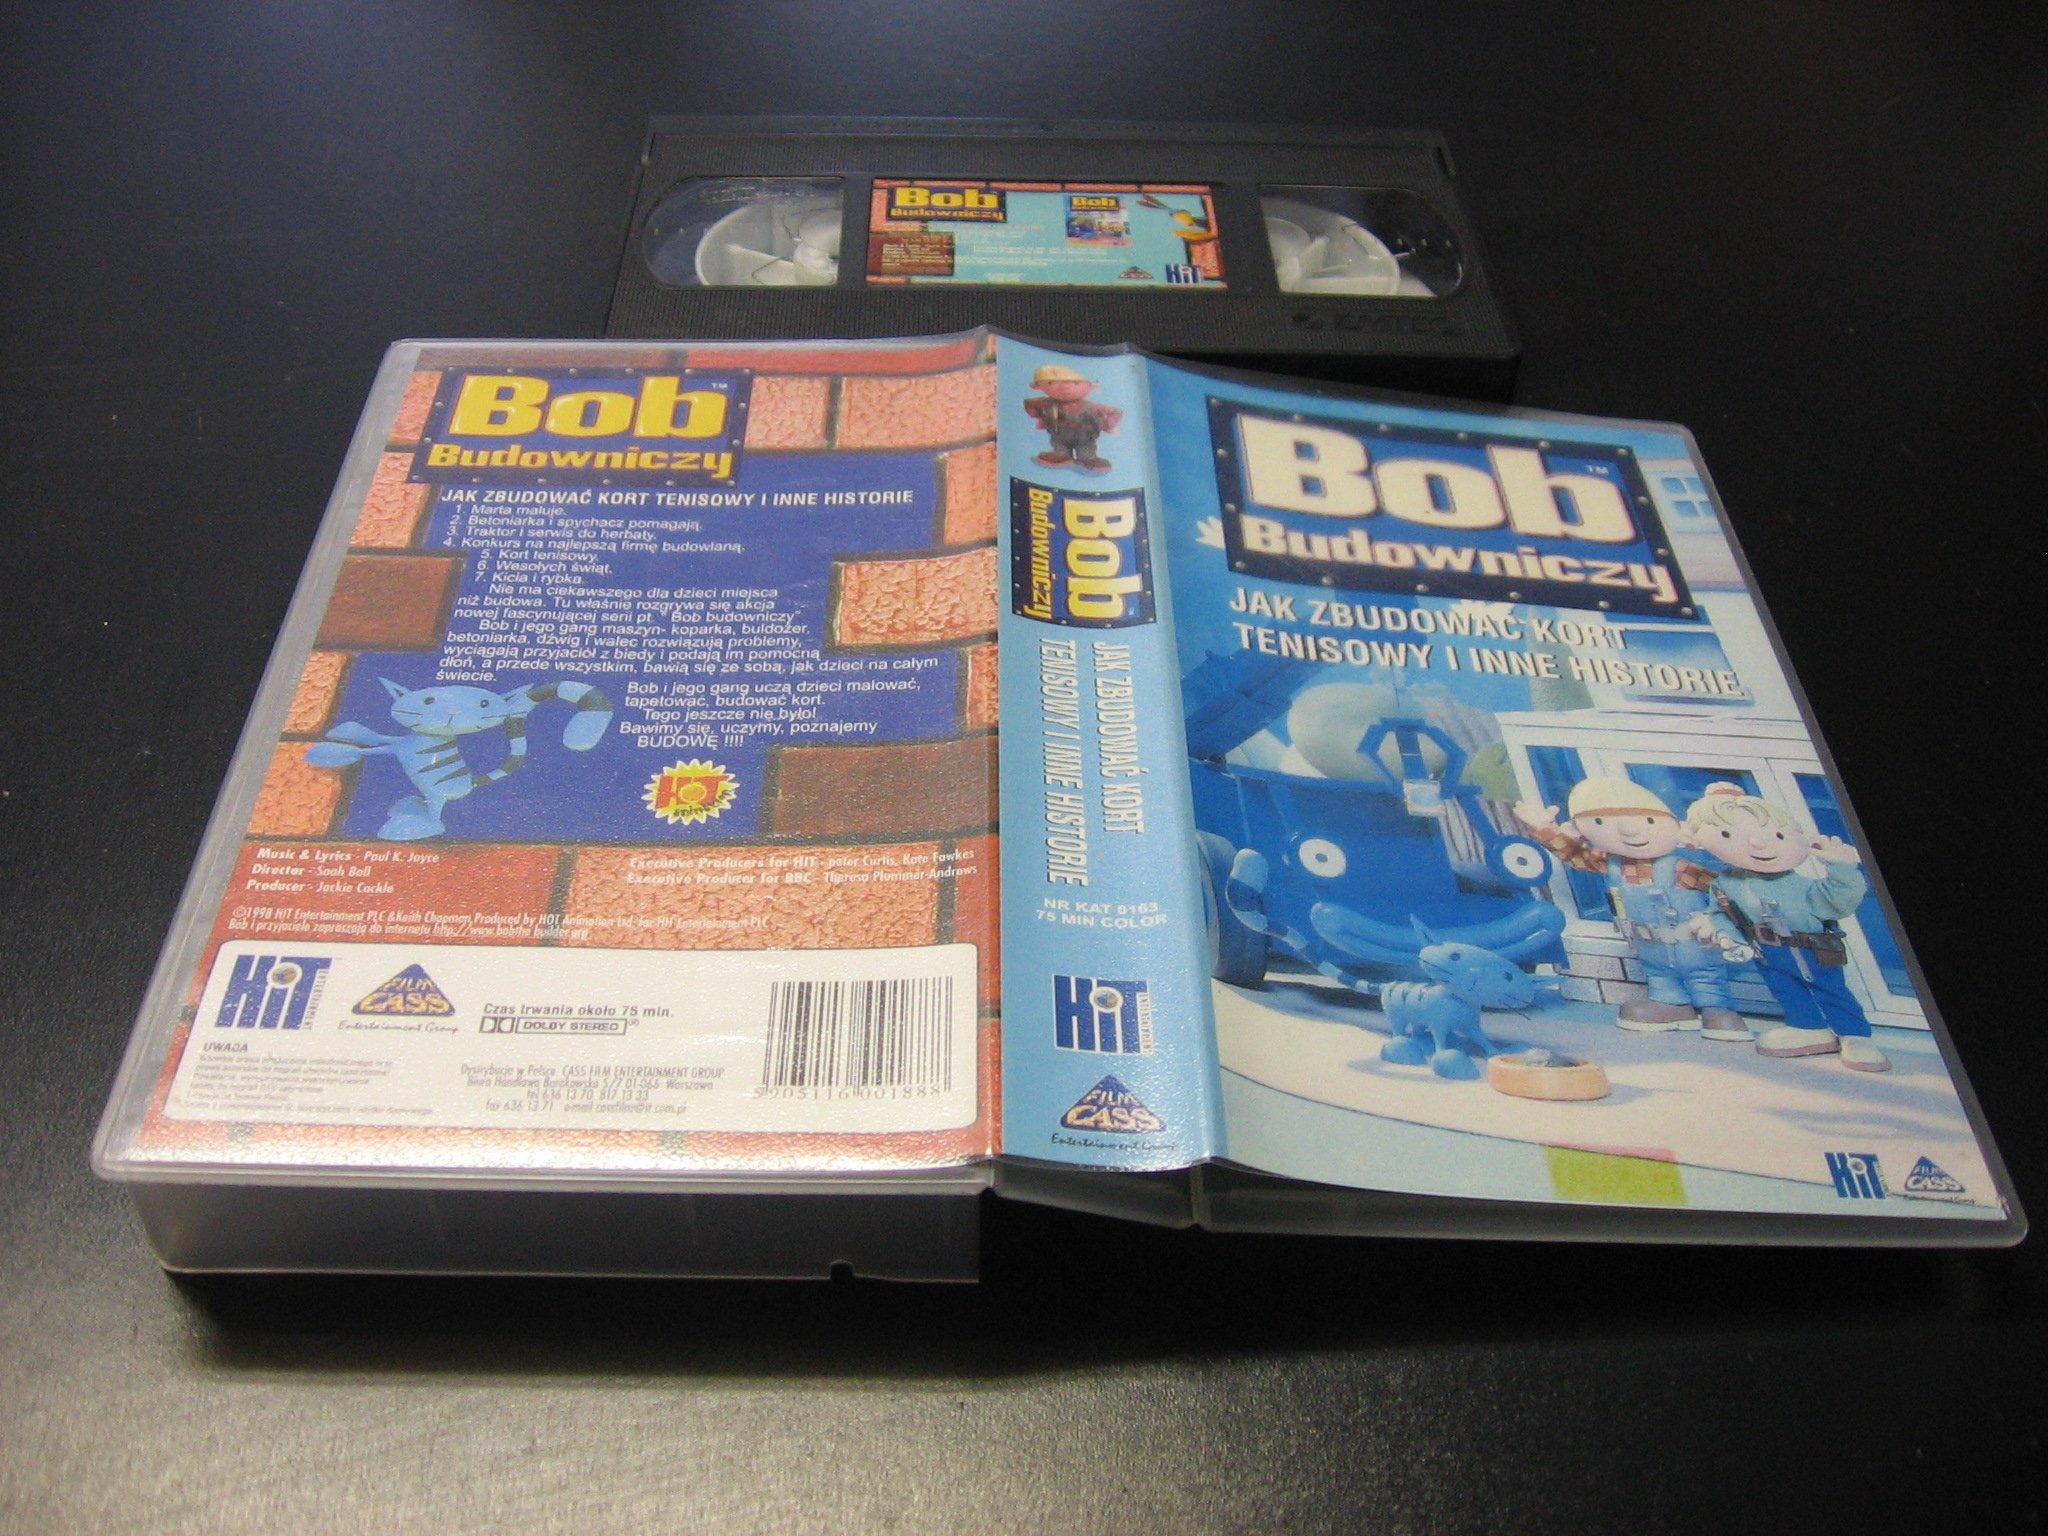 BOB BUDOWNICZY - VHS Opole 0005